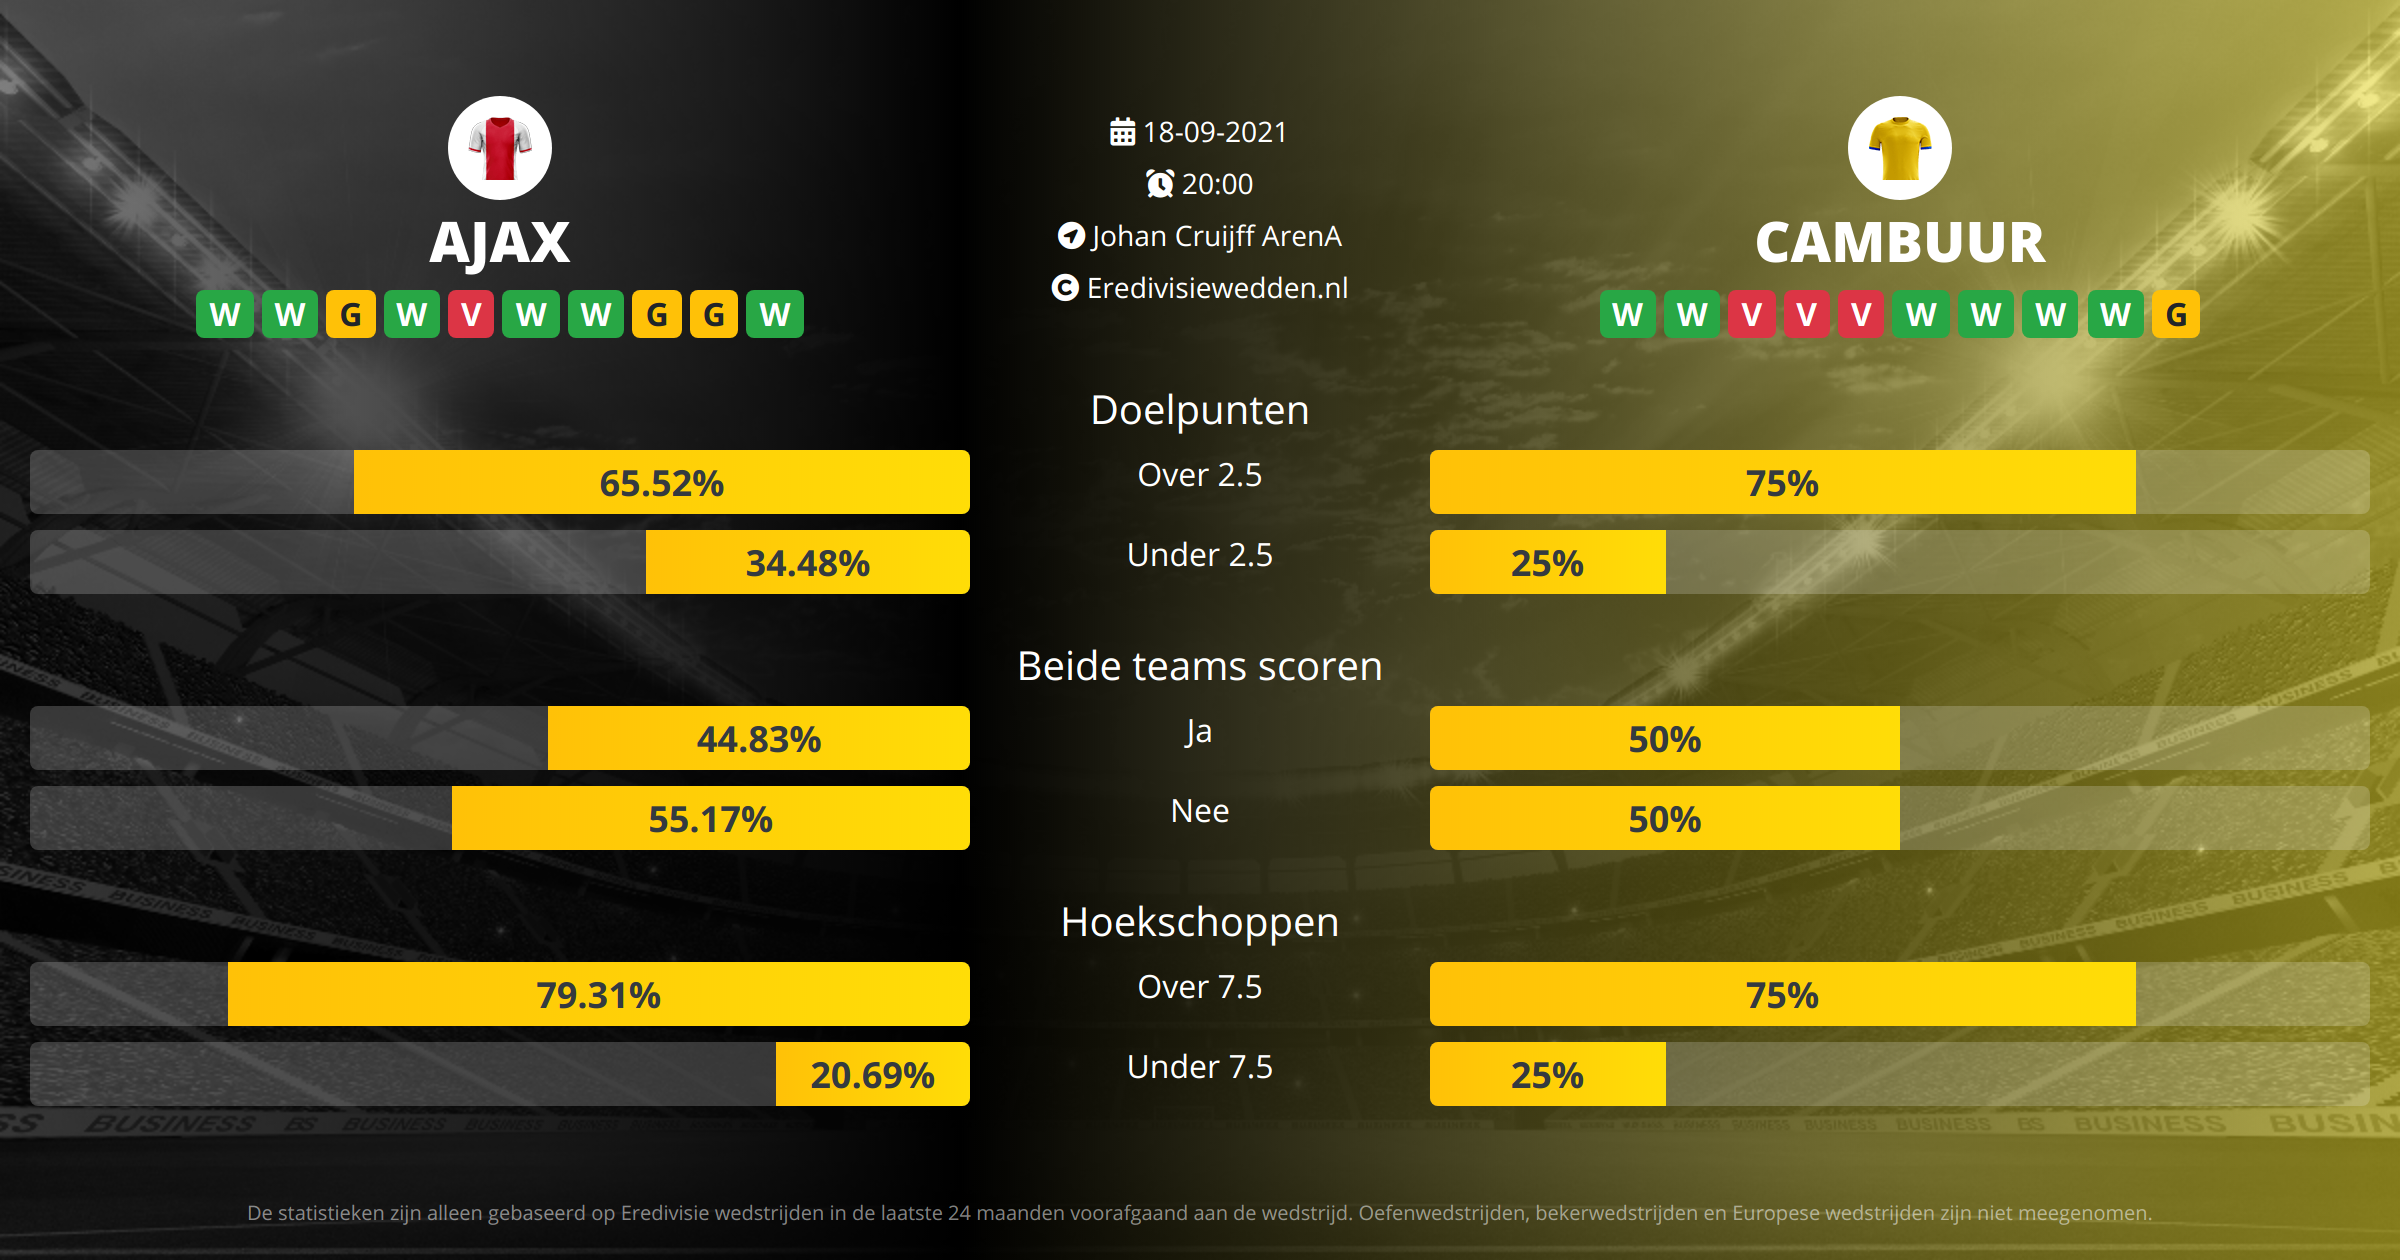 Voorspelling Ajax tegen Cambuur op  18  2021